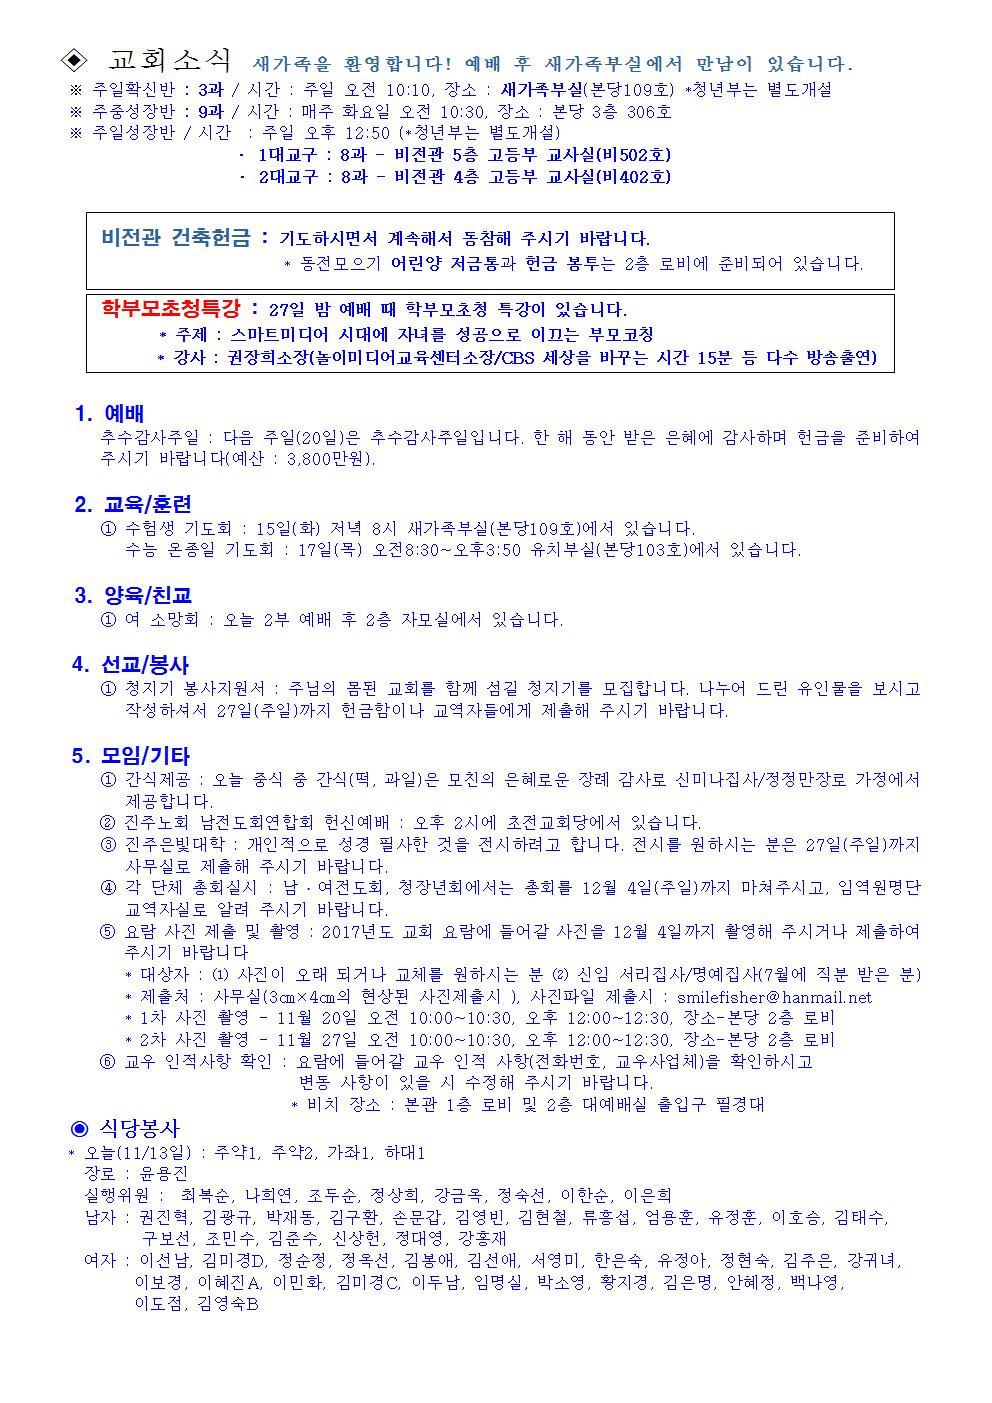 2016년 11월 13일 교회소식001.jpg